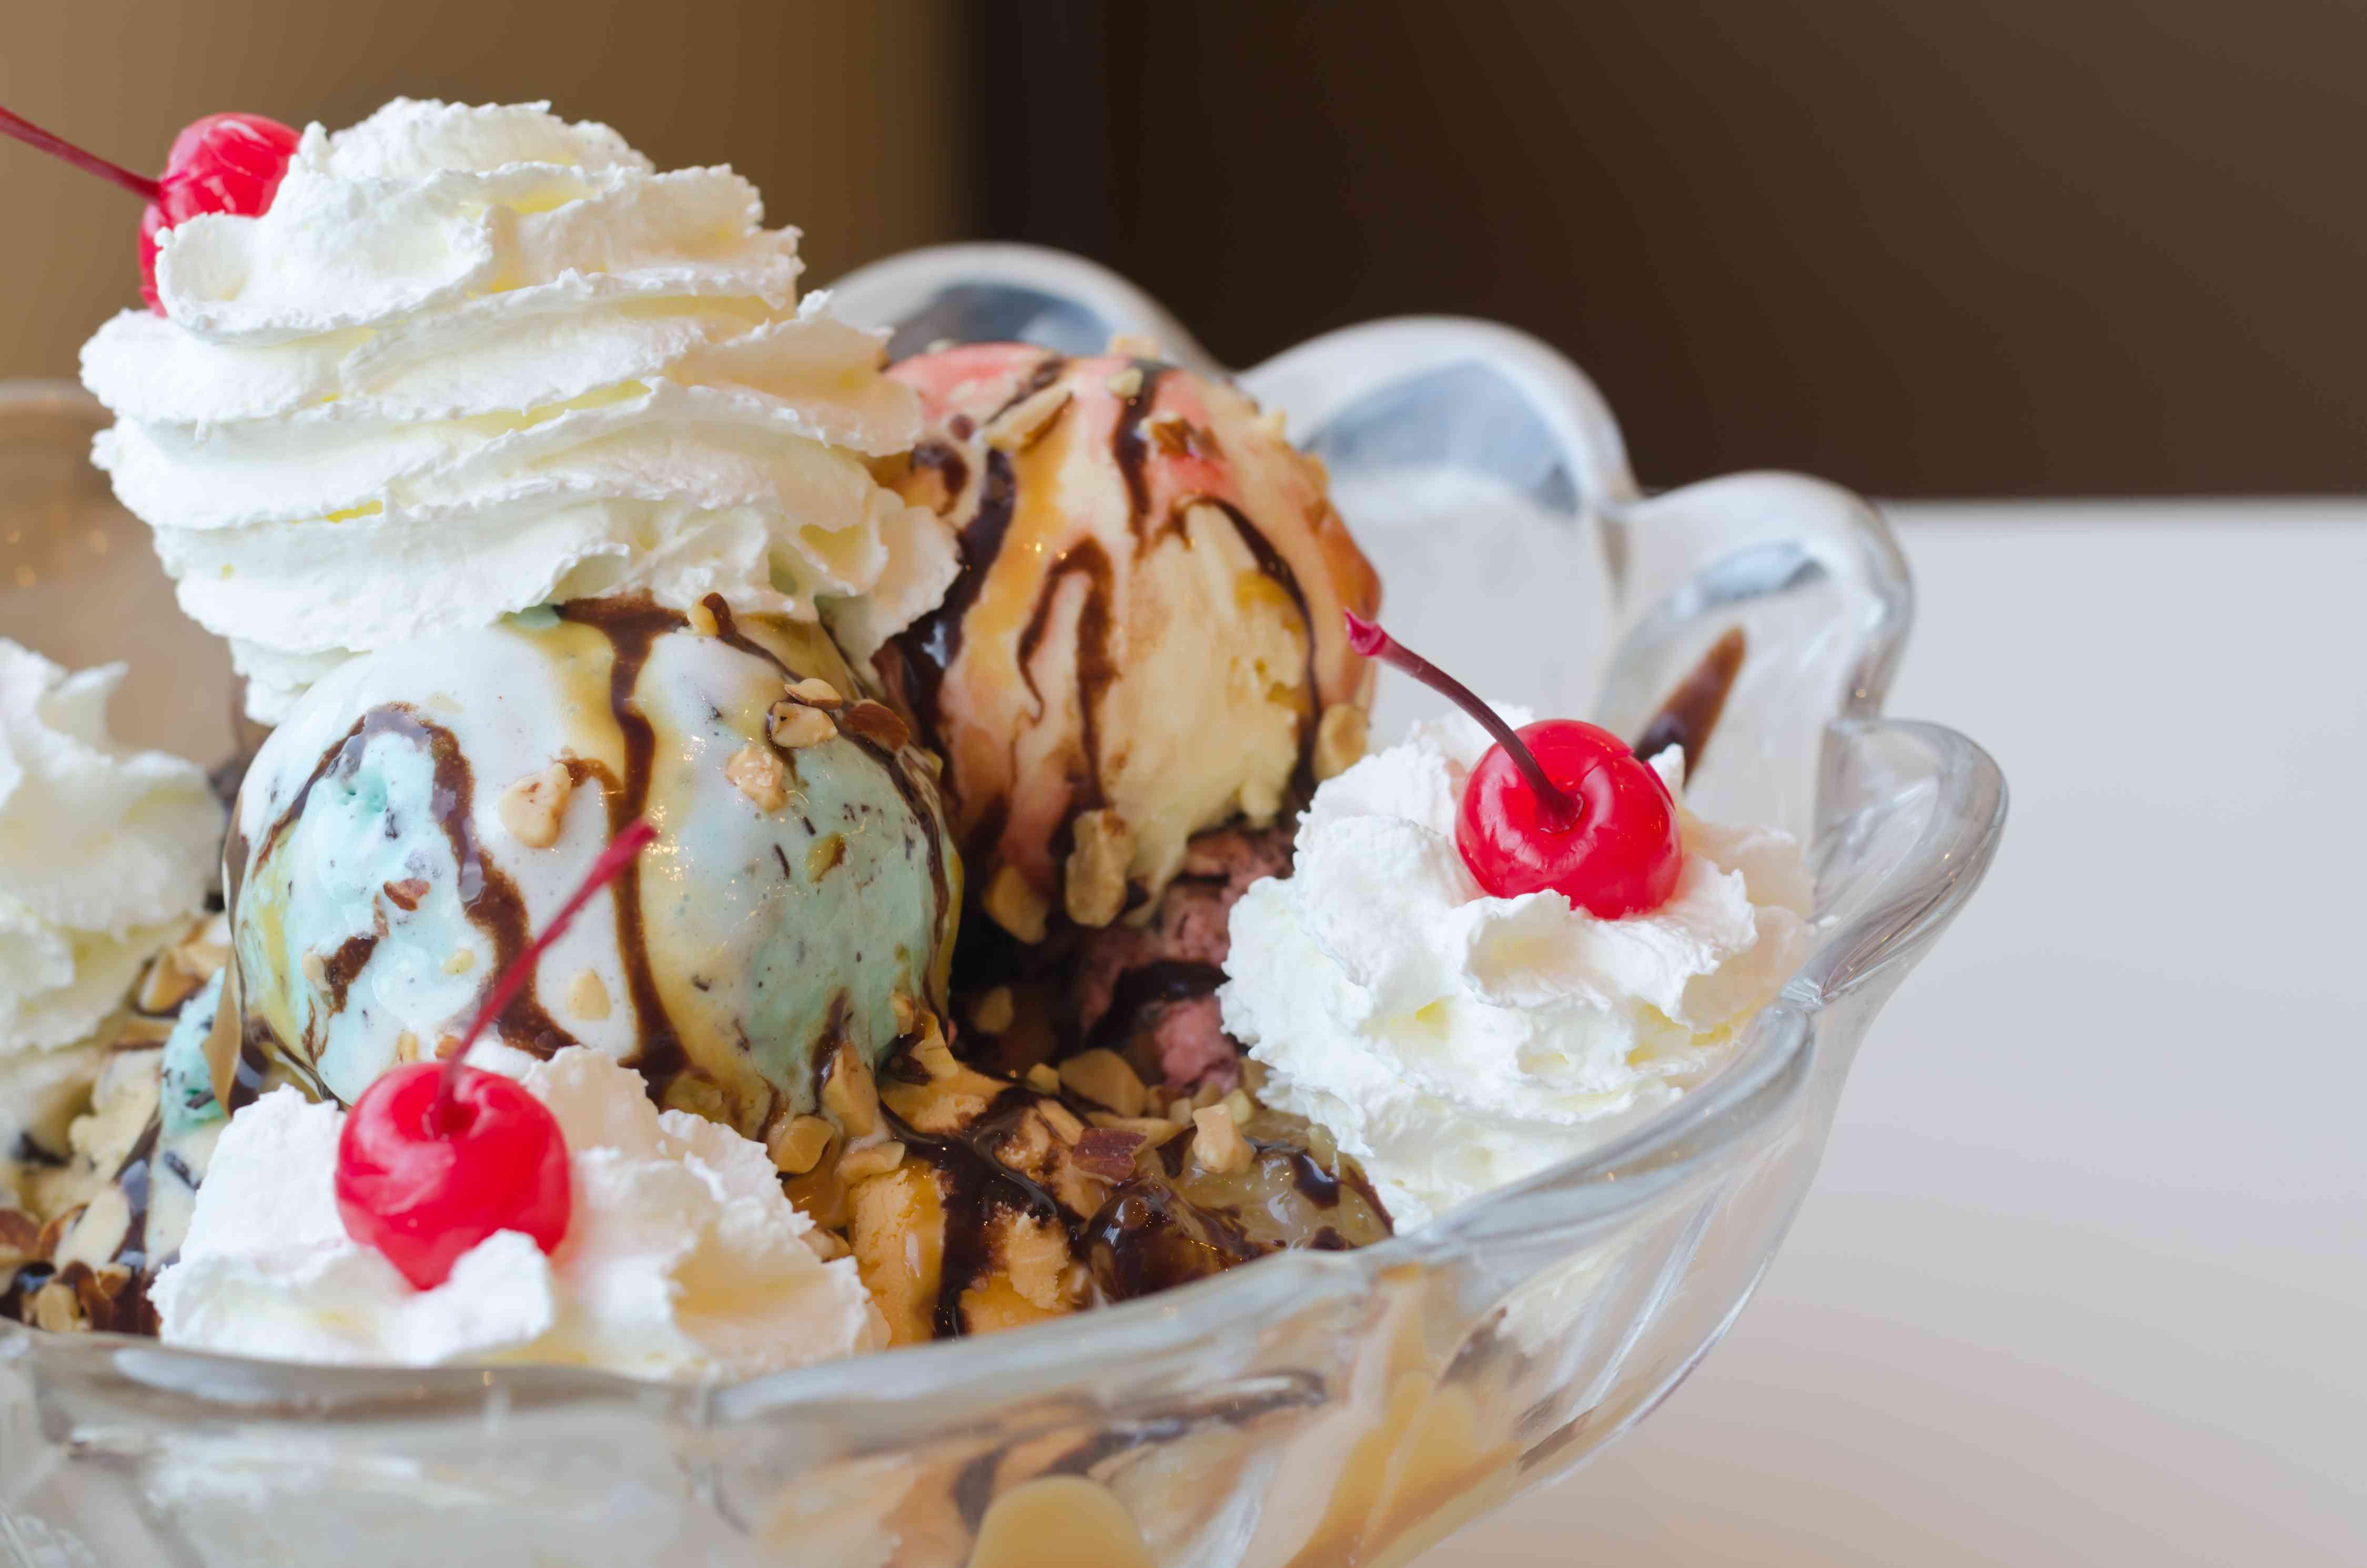 Ice cream sundae in big bowl